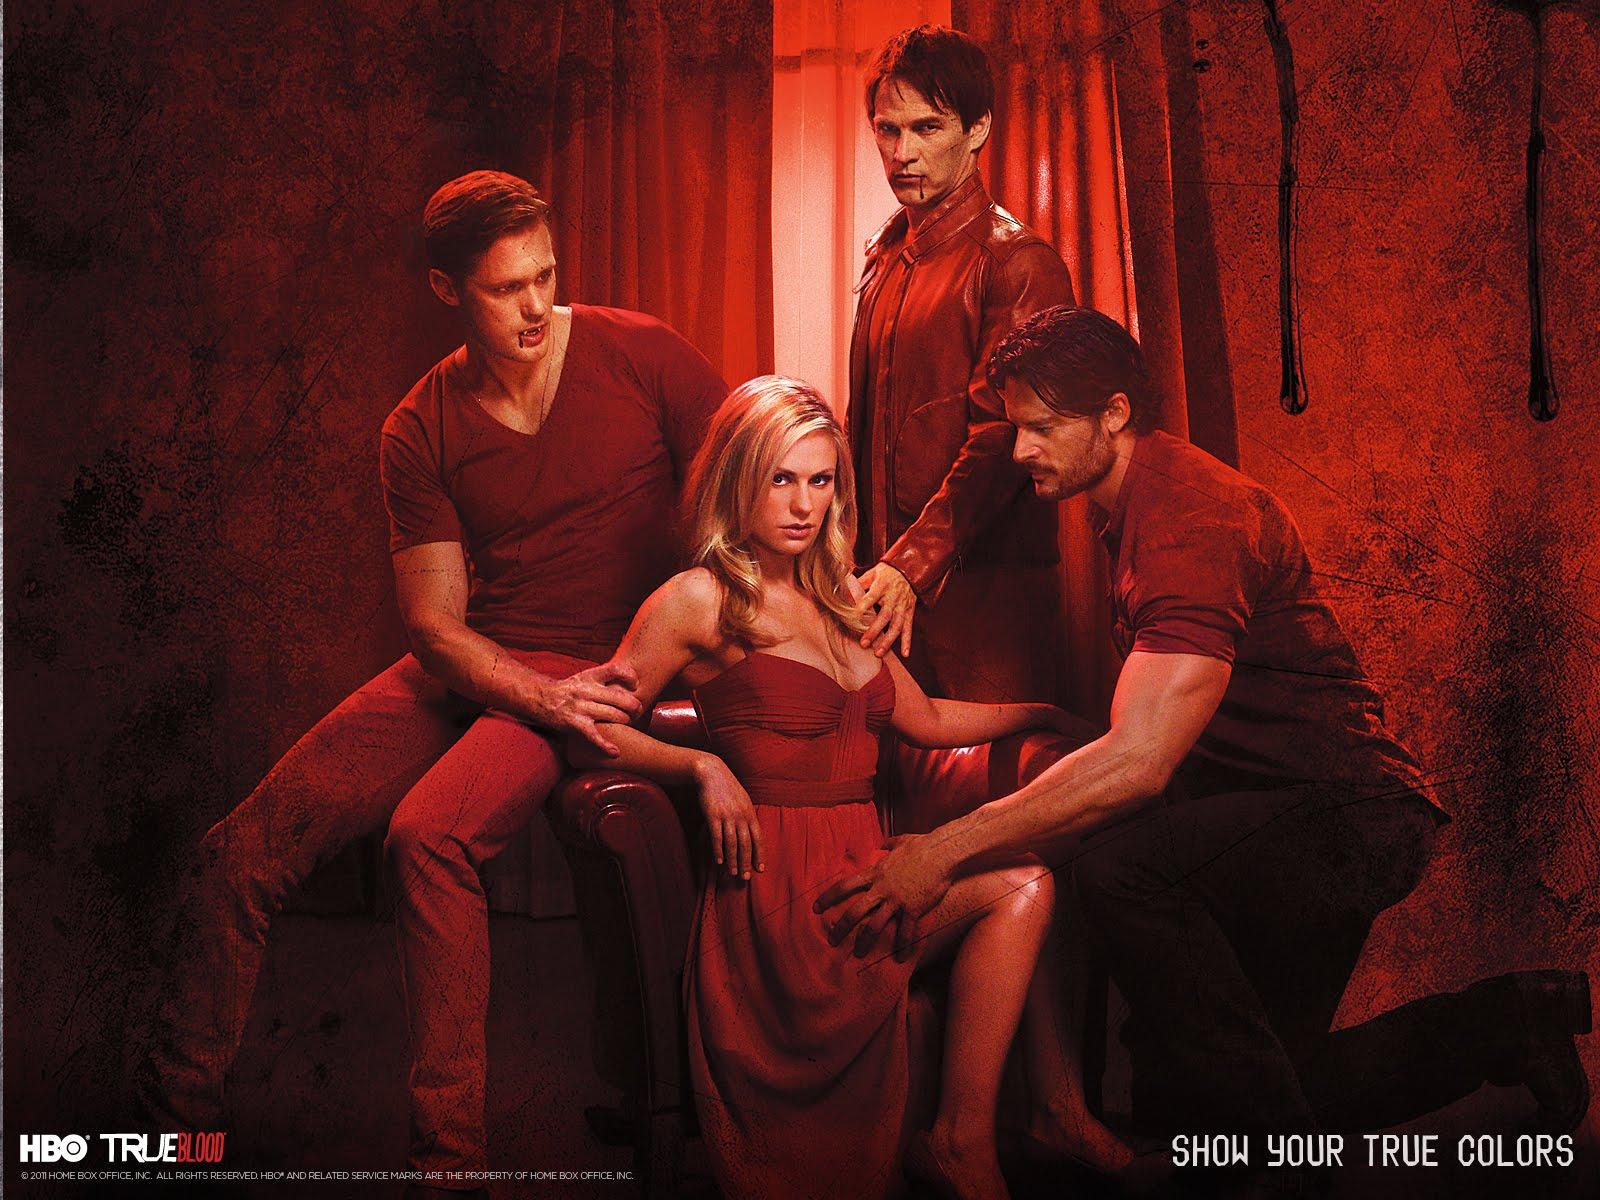 http://1.bp.blogspot.com/-z0MhYJdRwro/TvI3wamfZ0I/AAAAAAAAAx4/Q2X-7JWe_TI/s1600/True-Blood.jpg